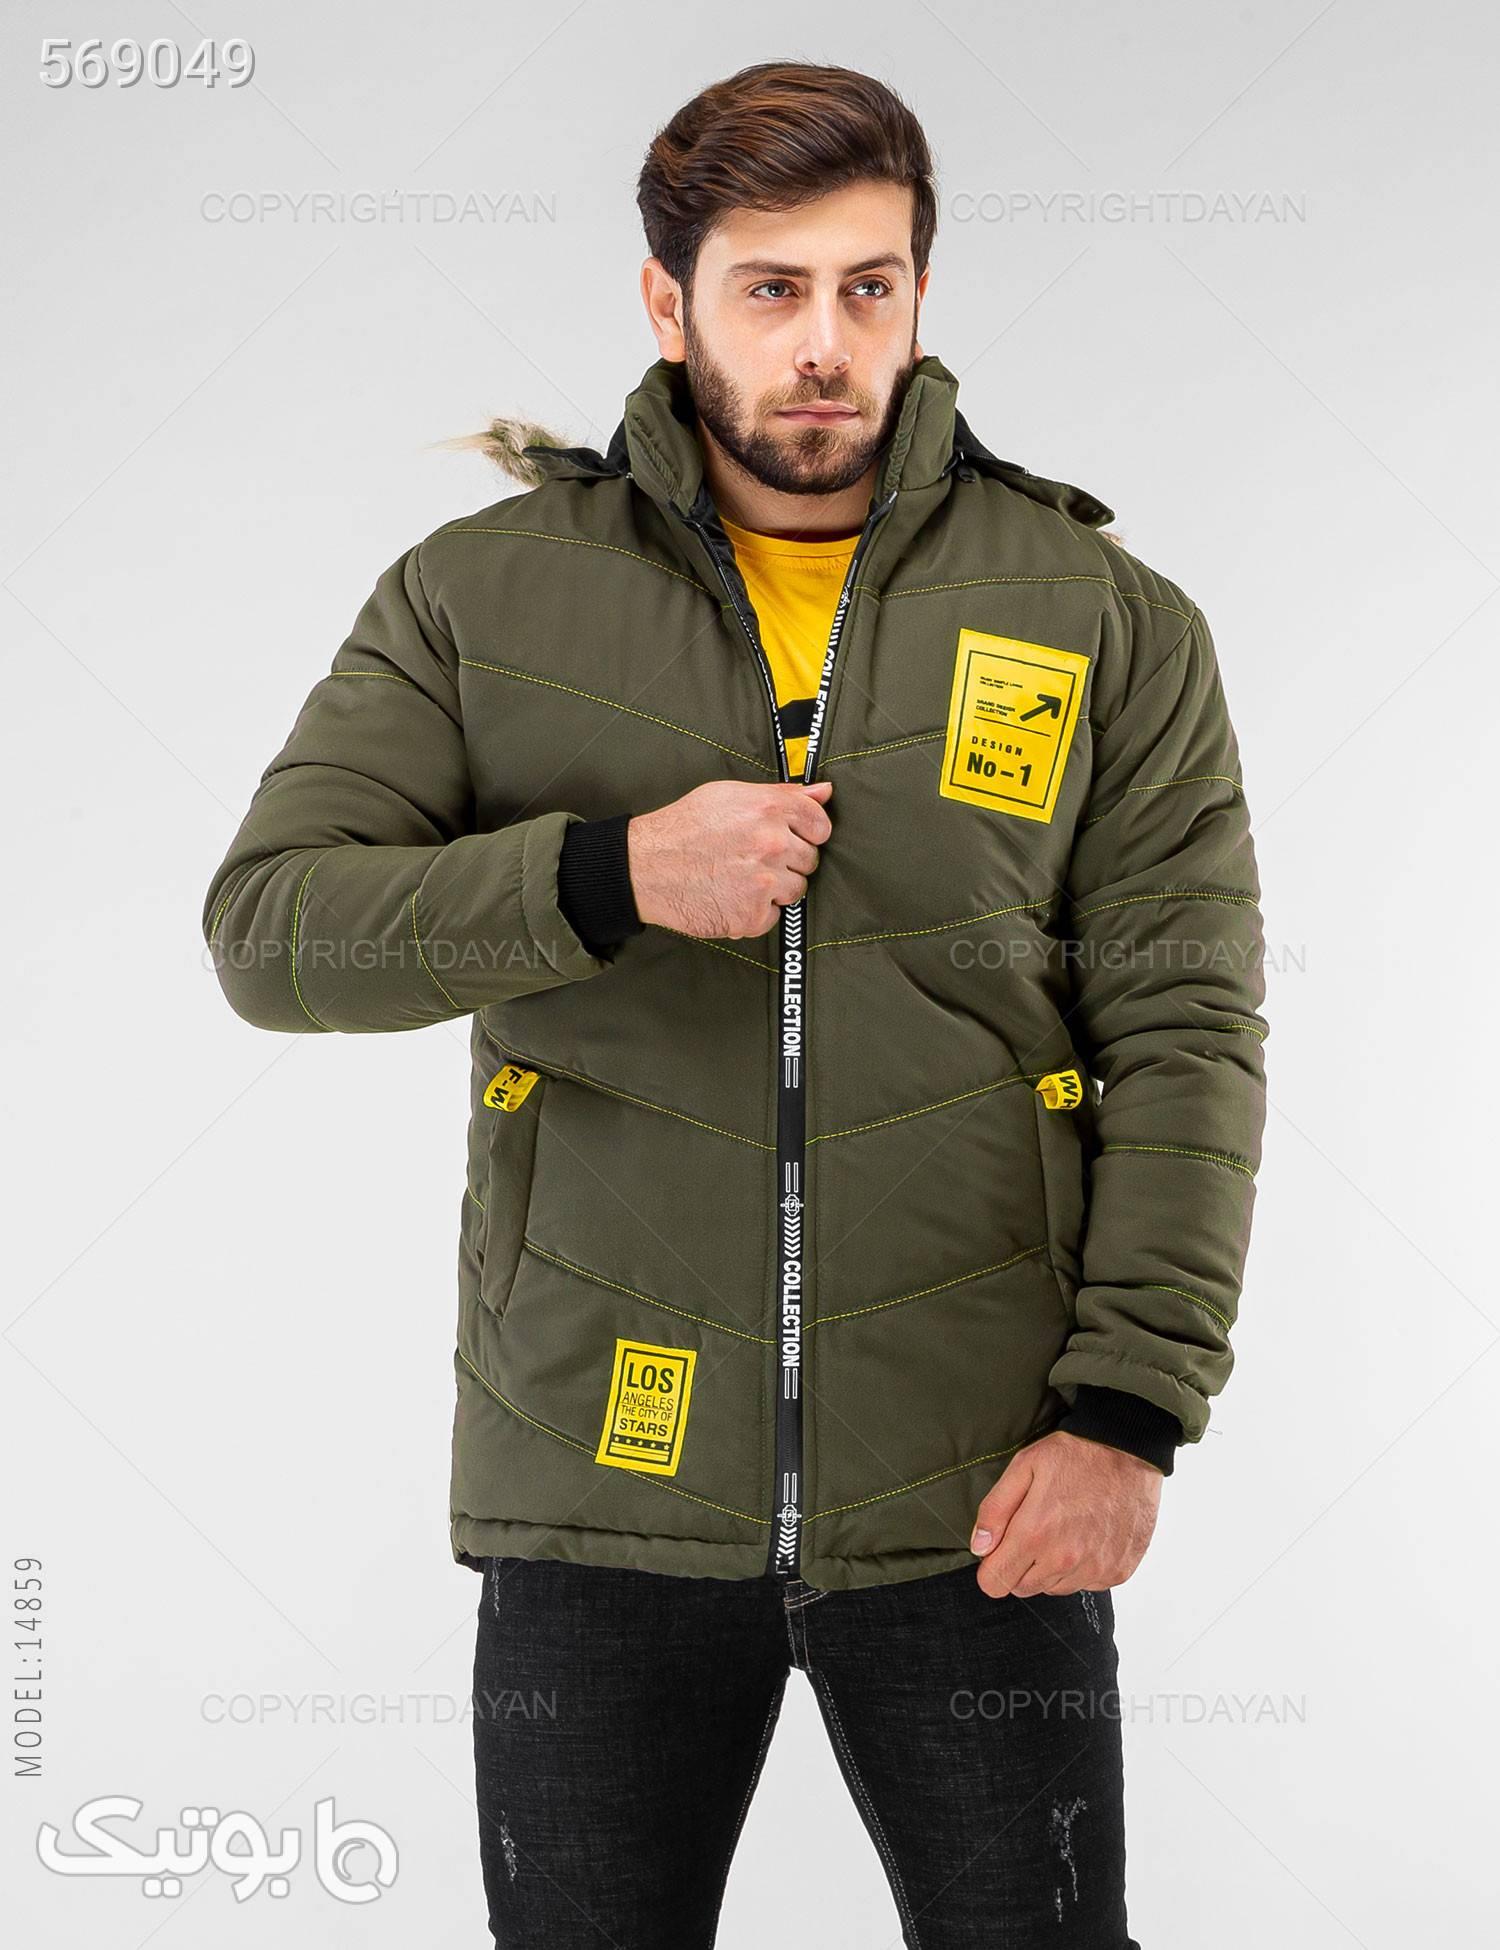 کاپشن مردانه Enzo مدل 14859 سبز کاپشن و بارانی مردانه